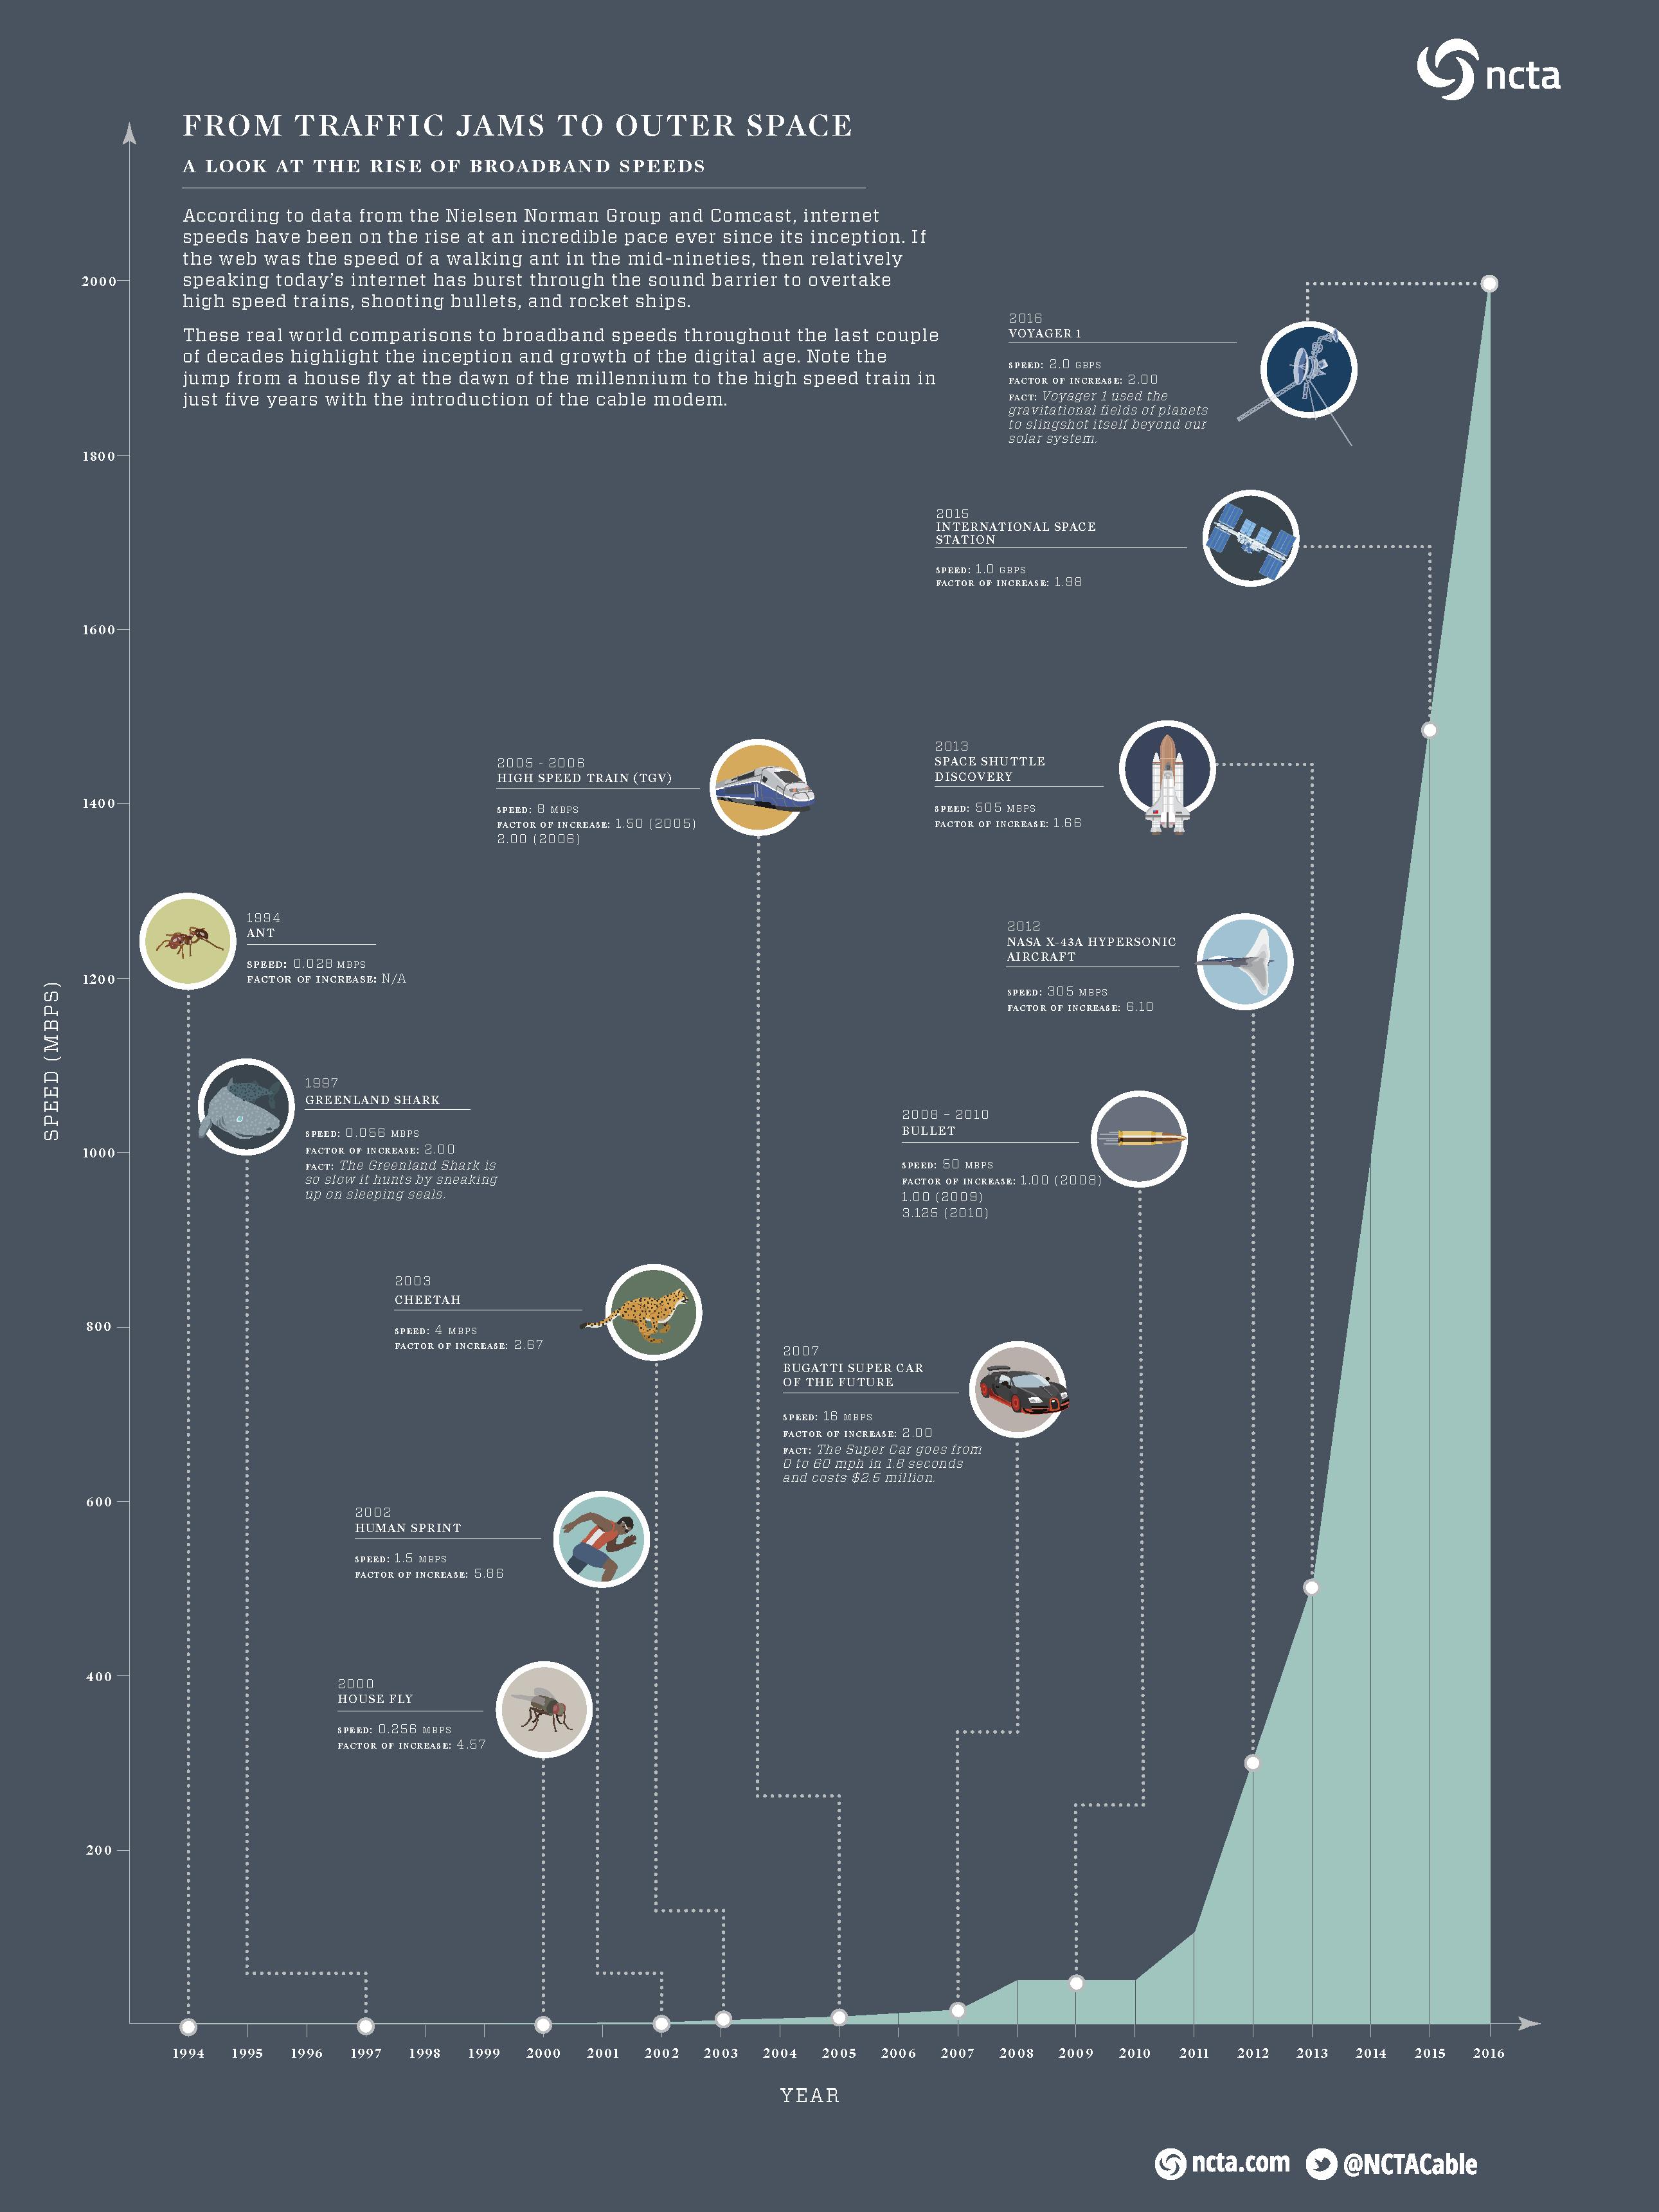 Rise of Broadband Speeds